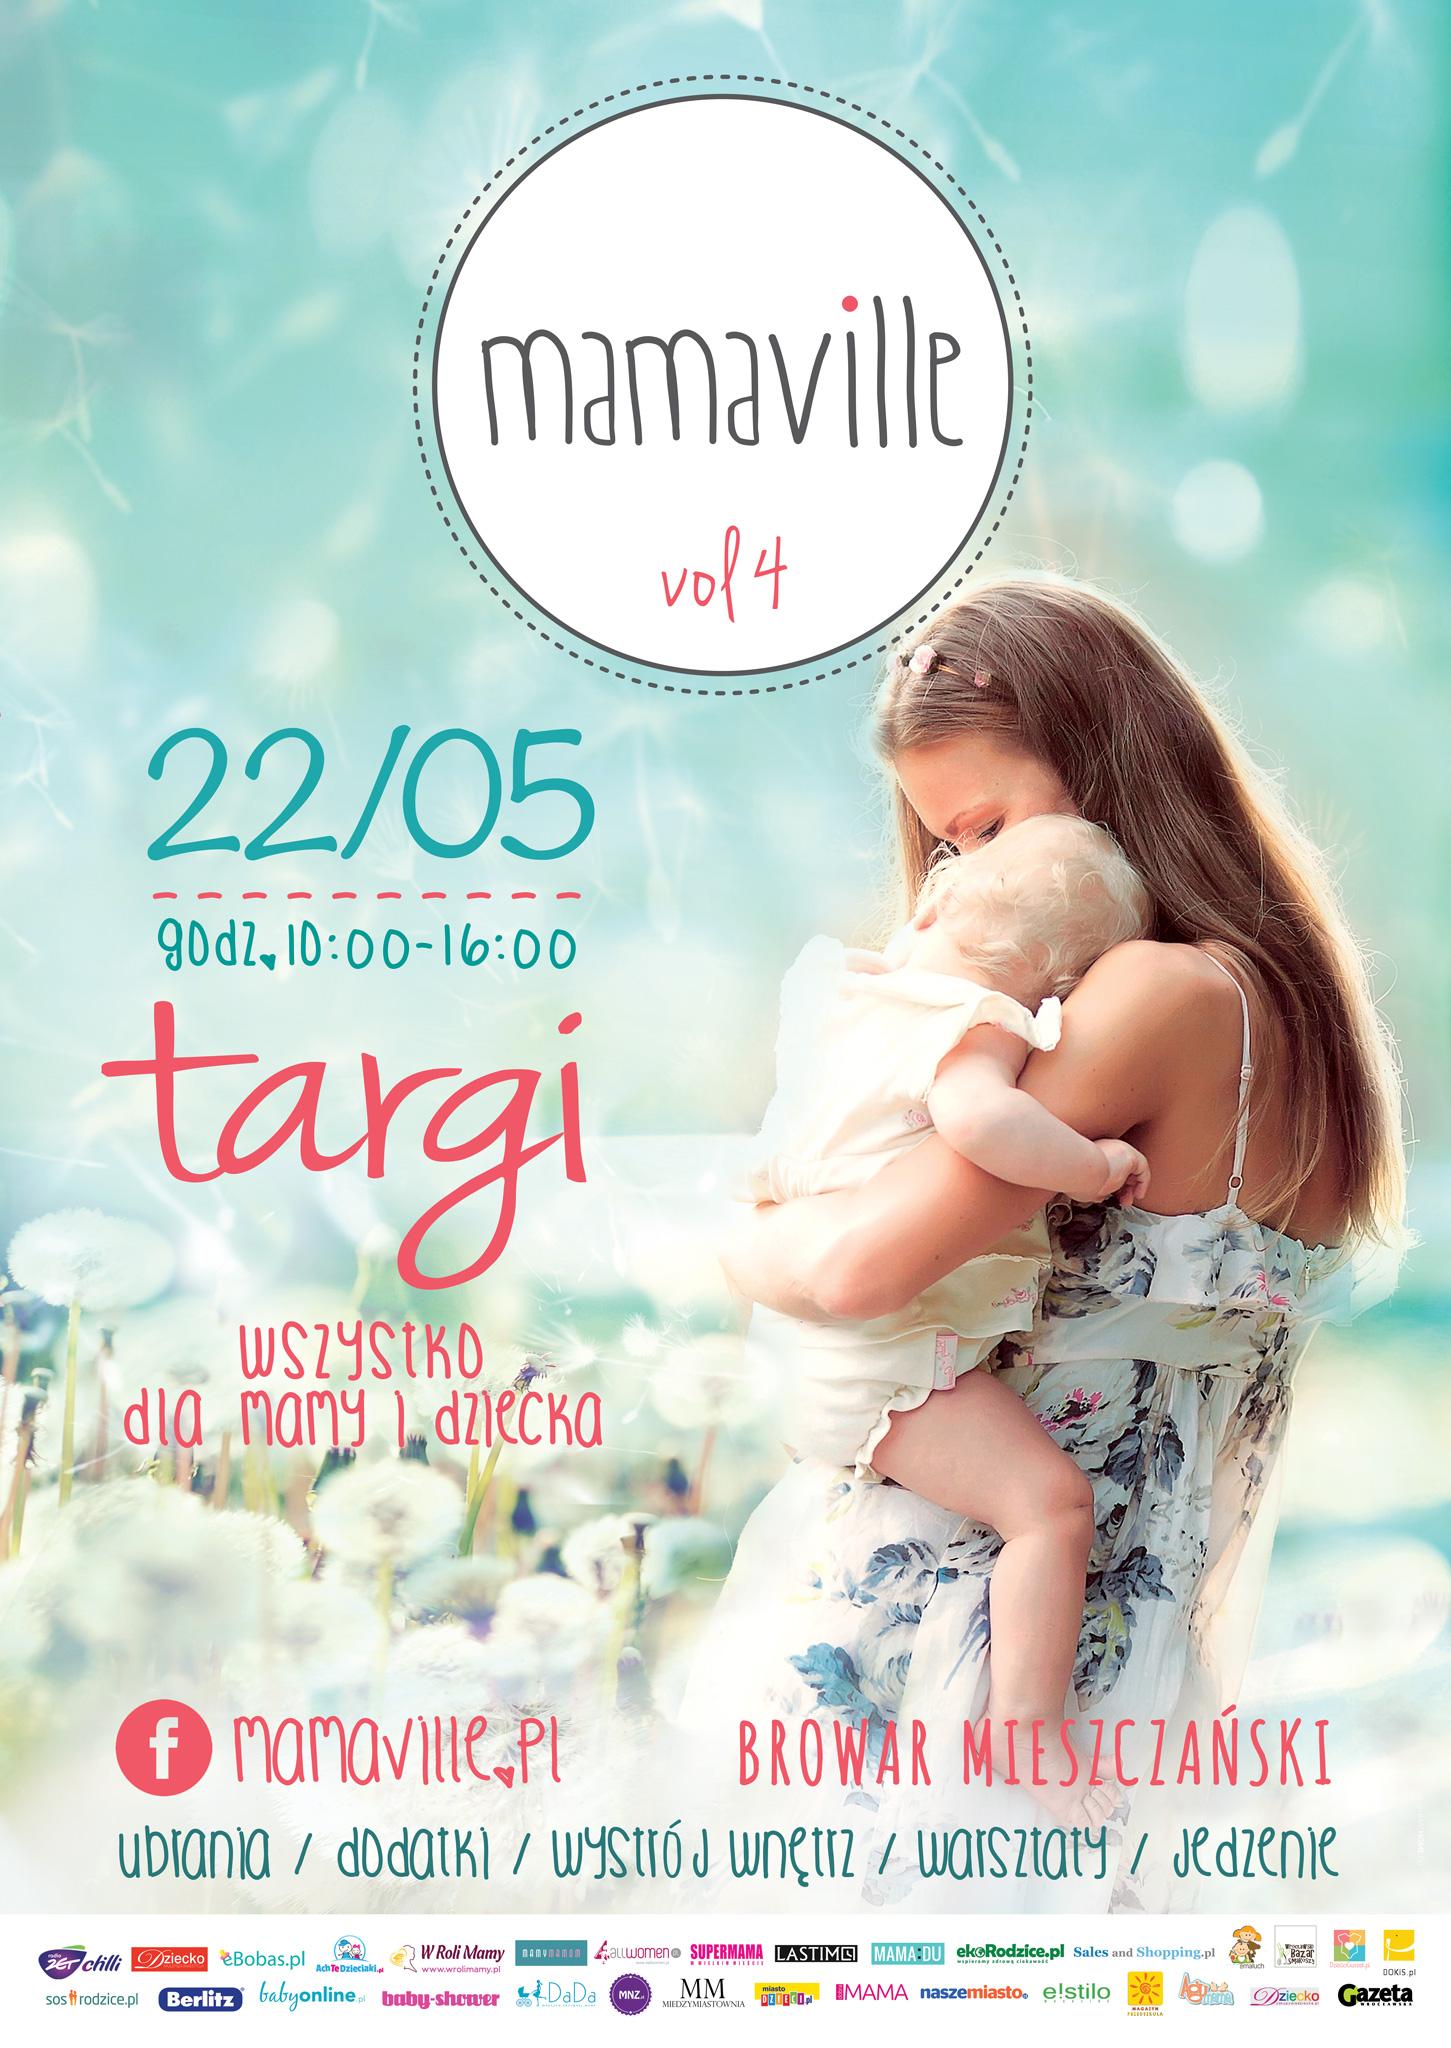 Targi Mamaville we Wrocławiu 22 maja 2016